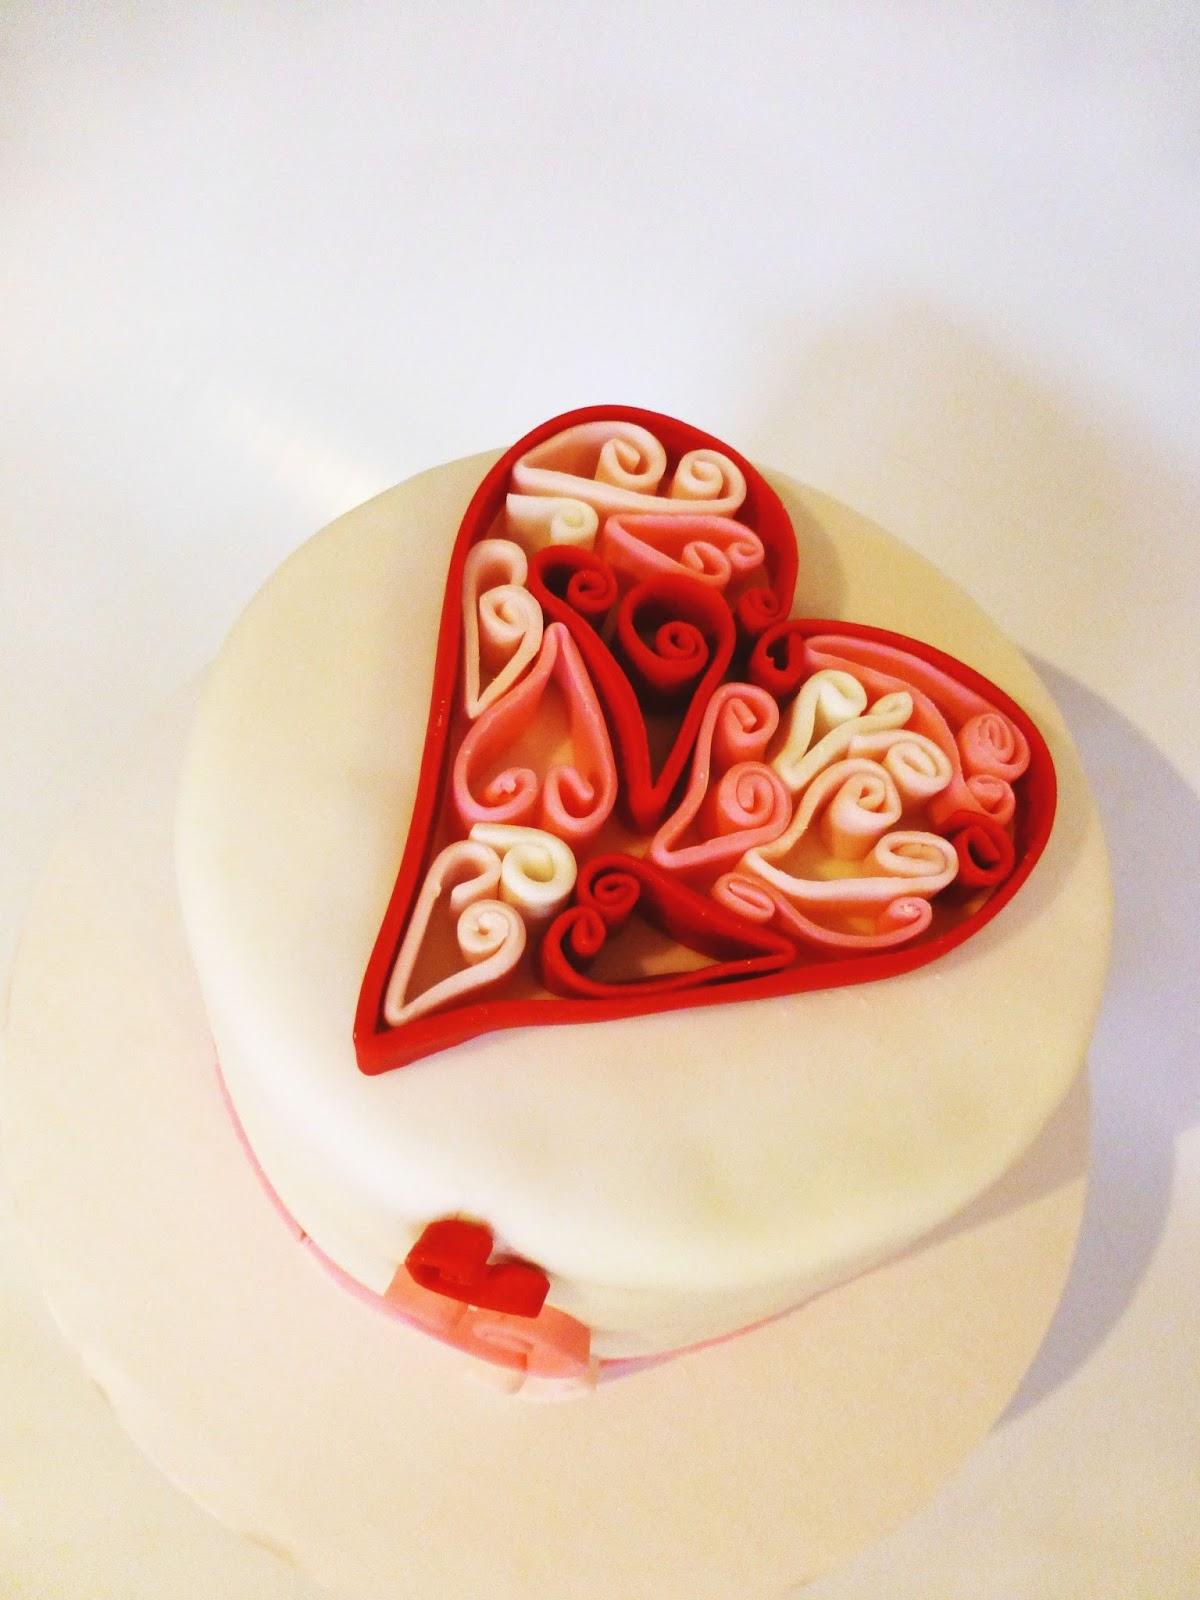 Love Anniversary Cake Design : CakeSophia: 12th wedding anniversary cake